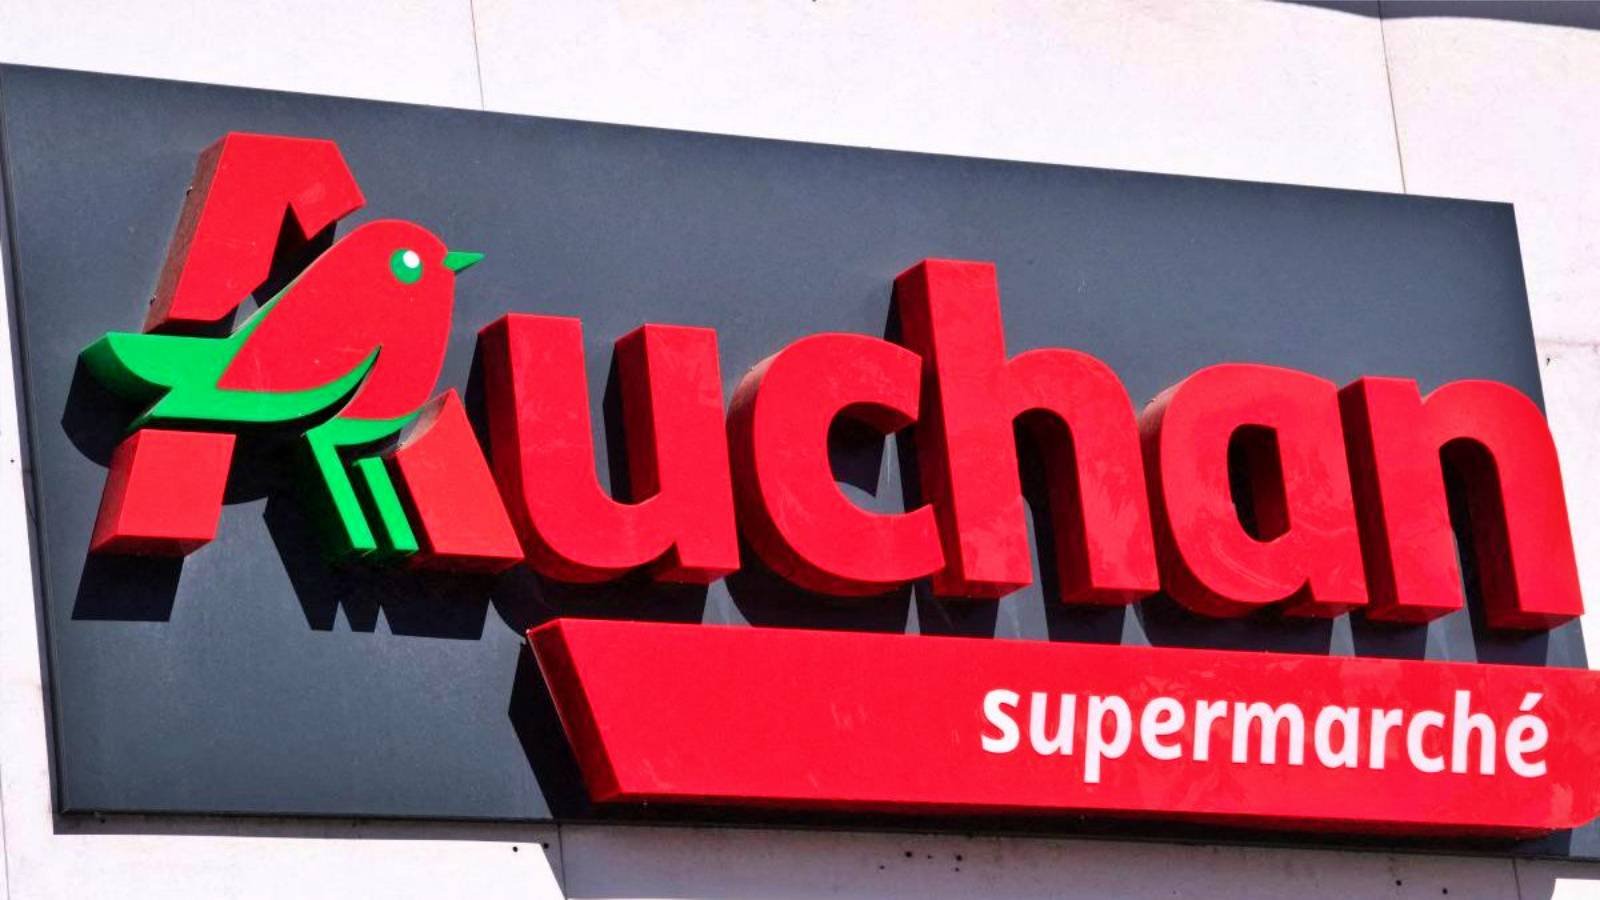 Auchan bonus